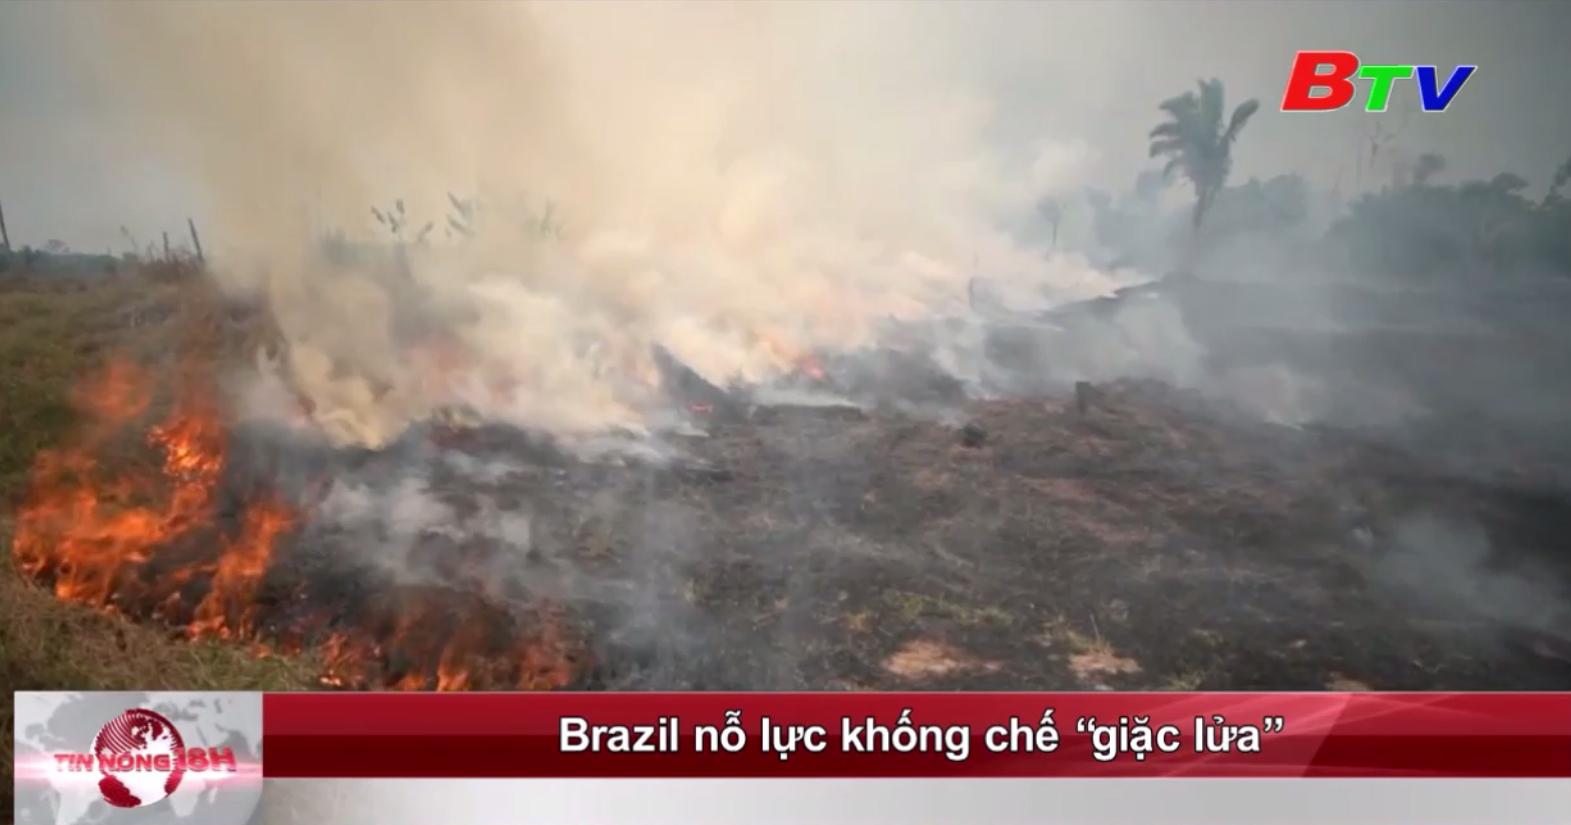 """Brazil nỗ lực khống chế """"giặc lửa"""""""